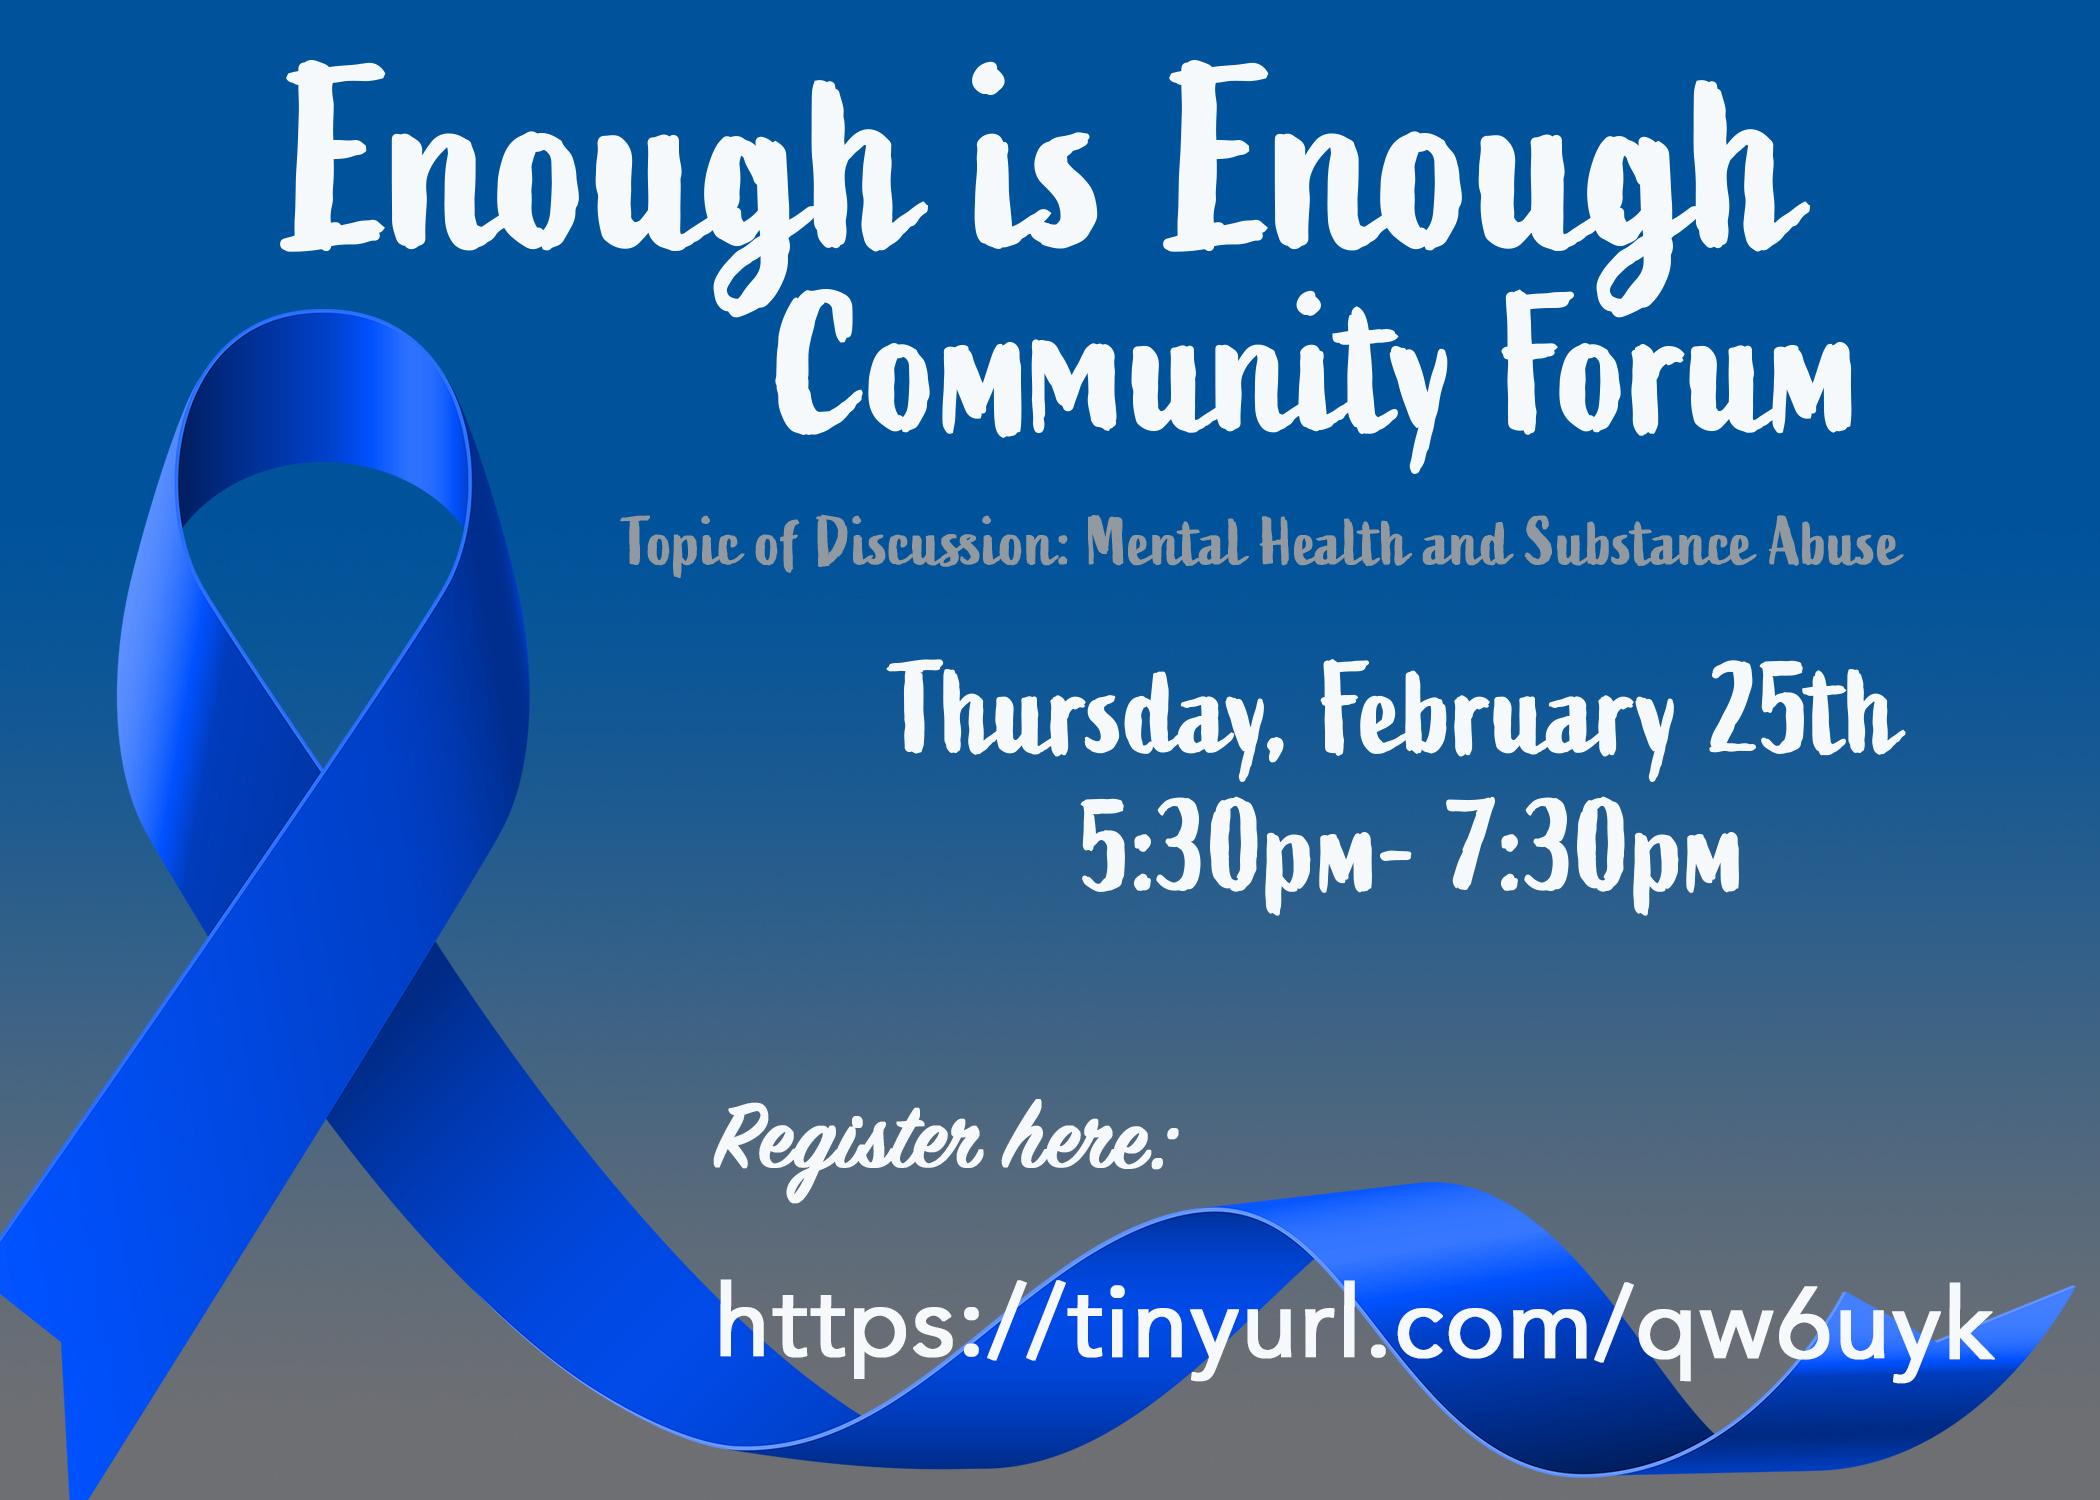 Enough is Enough Community Forum